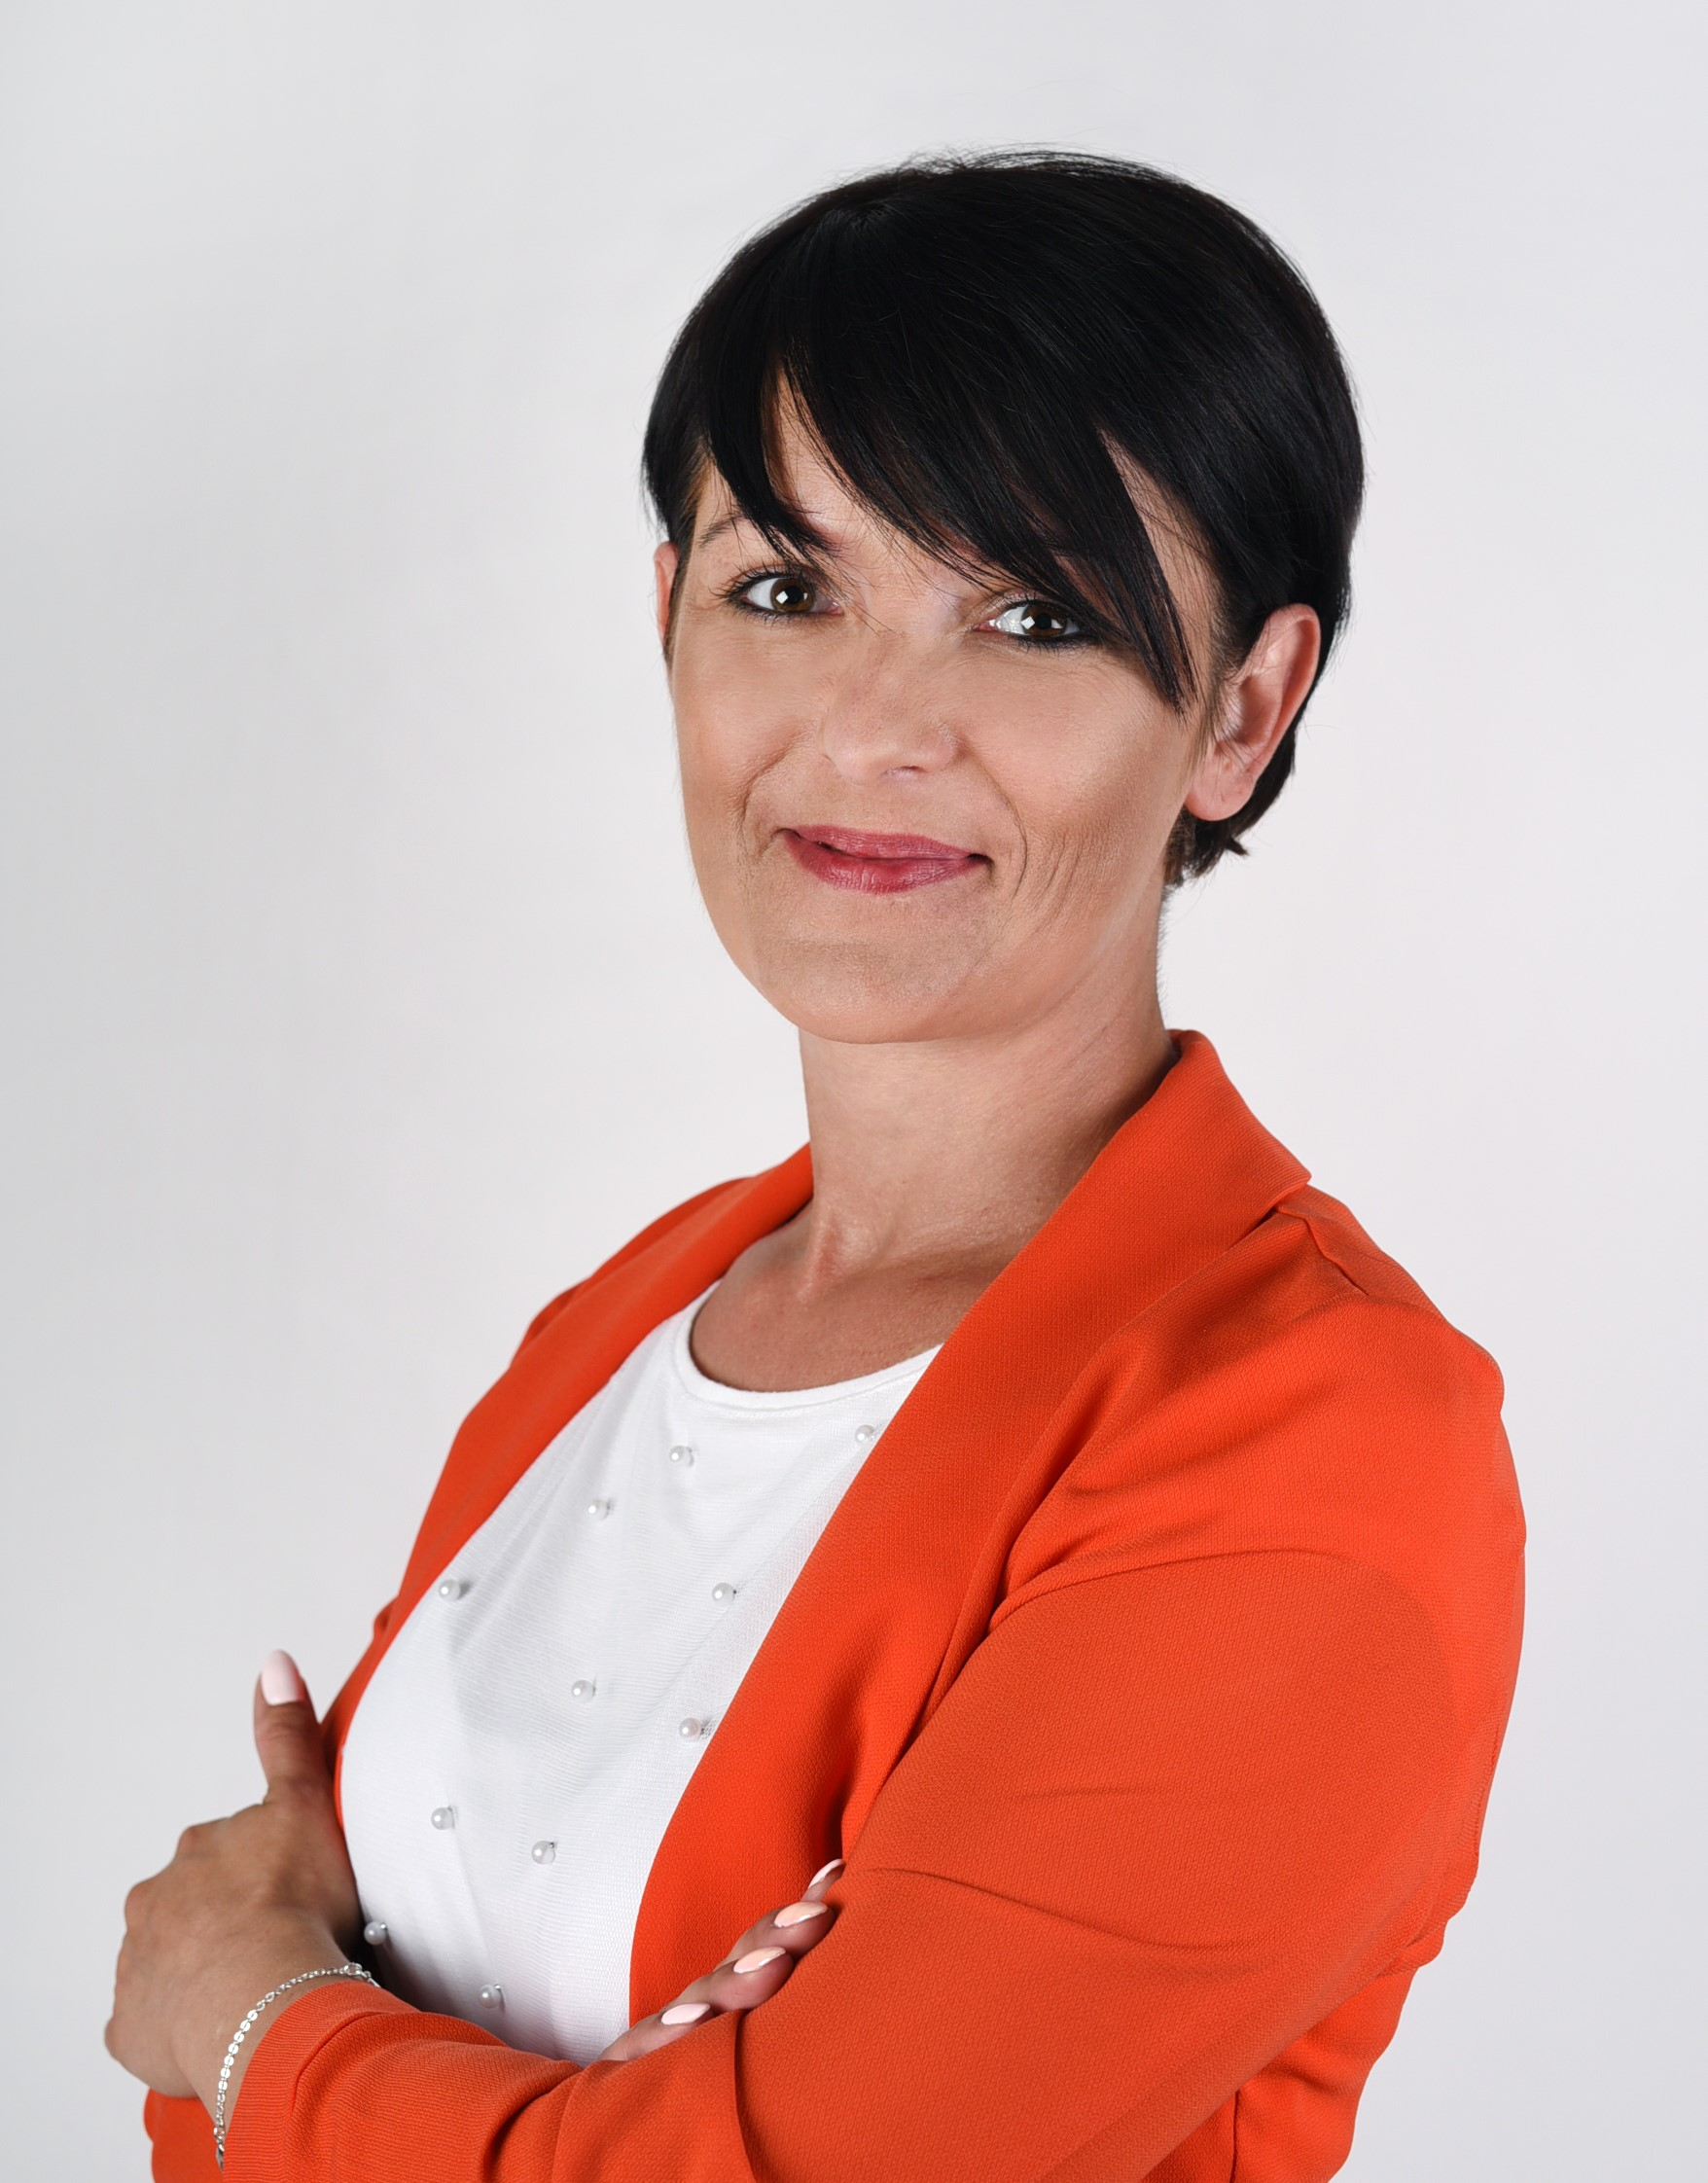 Kamila Chrastek (fot. mat. pras.)